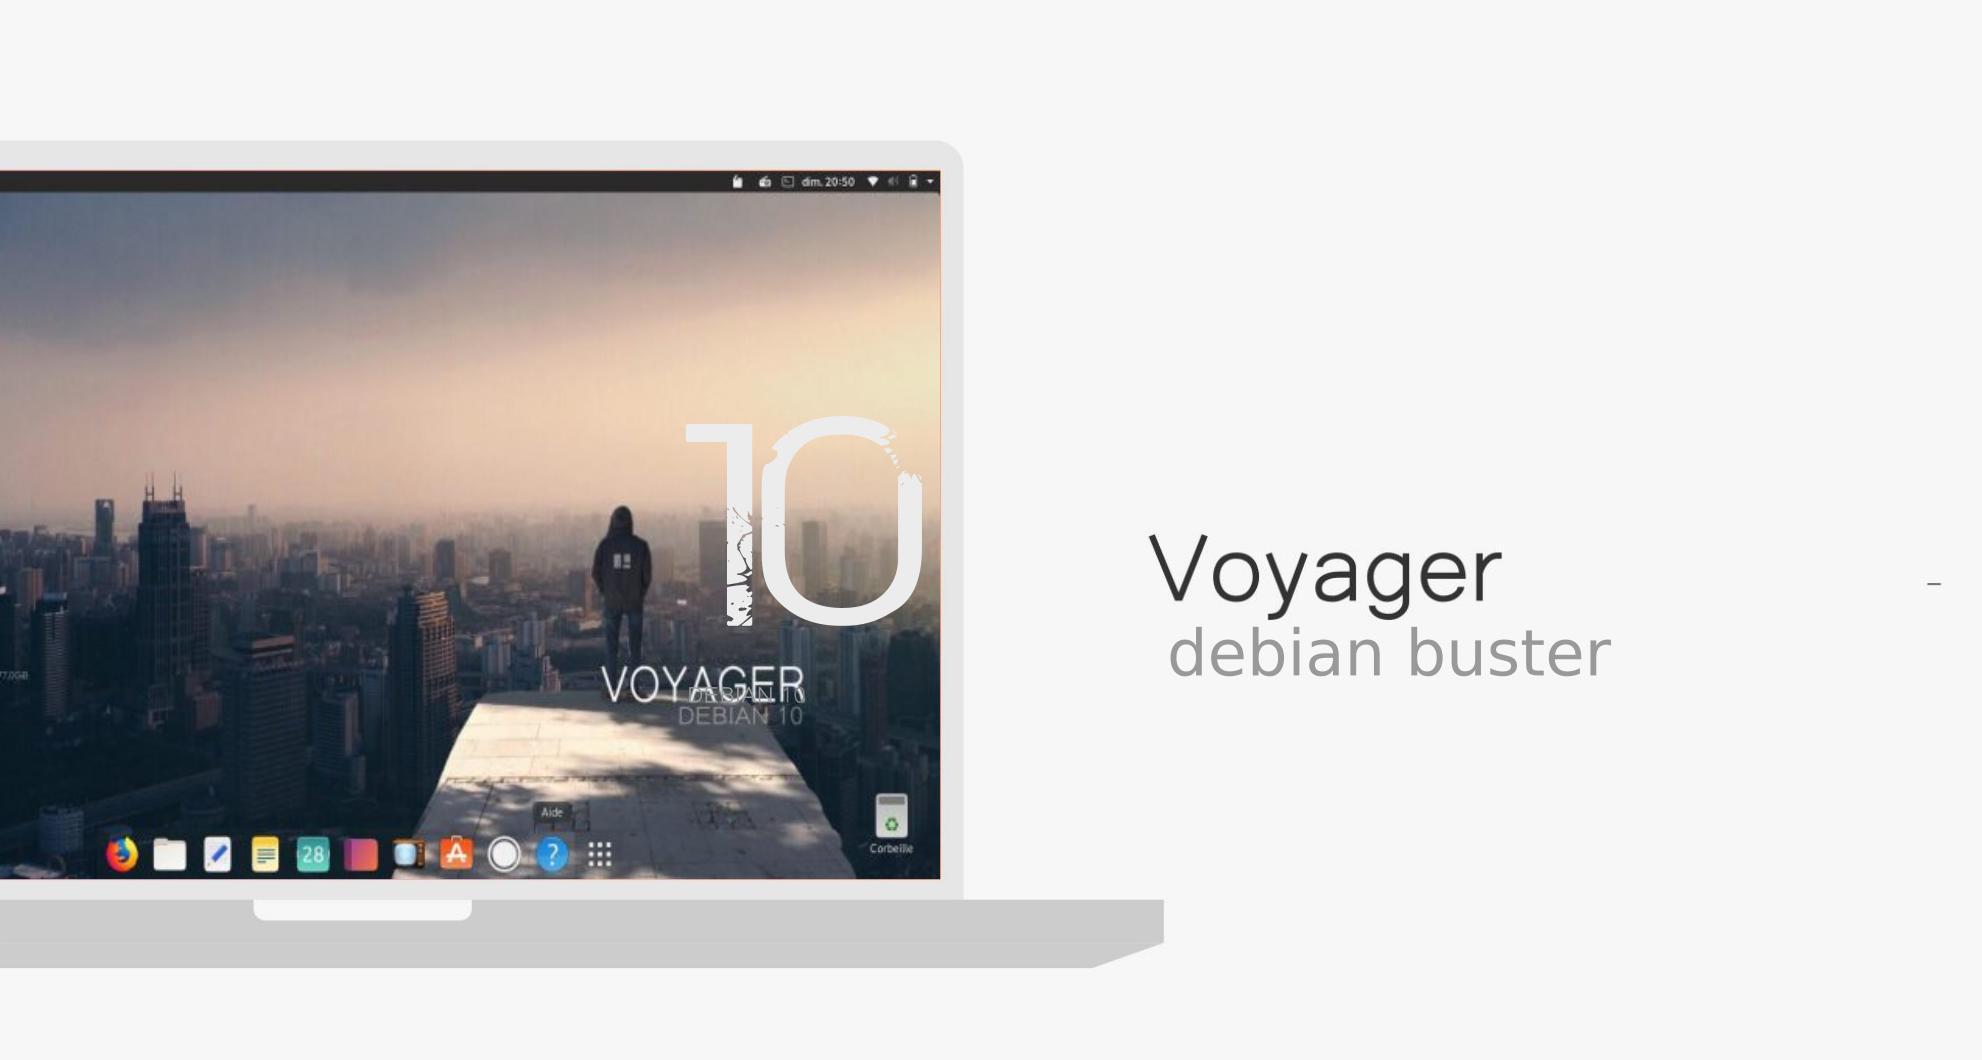 Voyager 10 Debian Buster